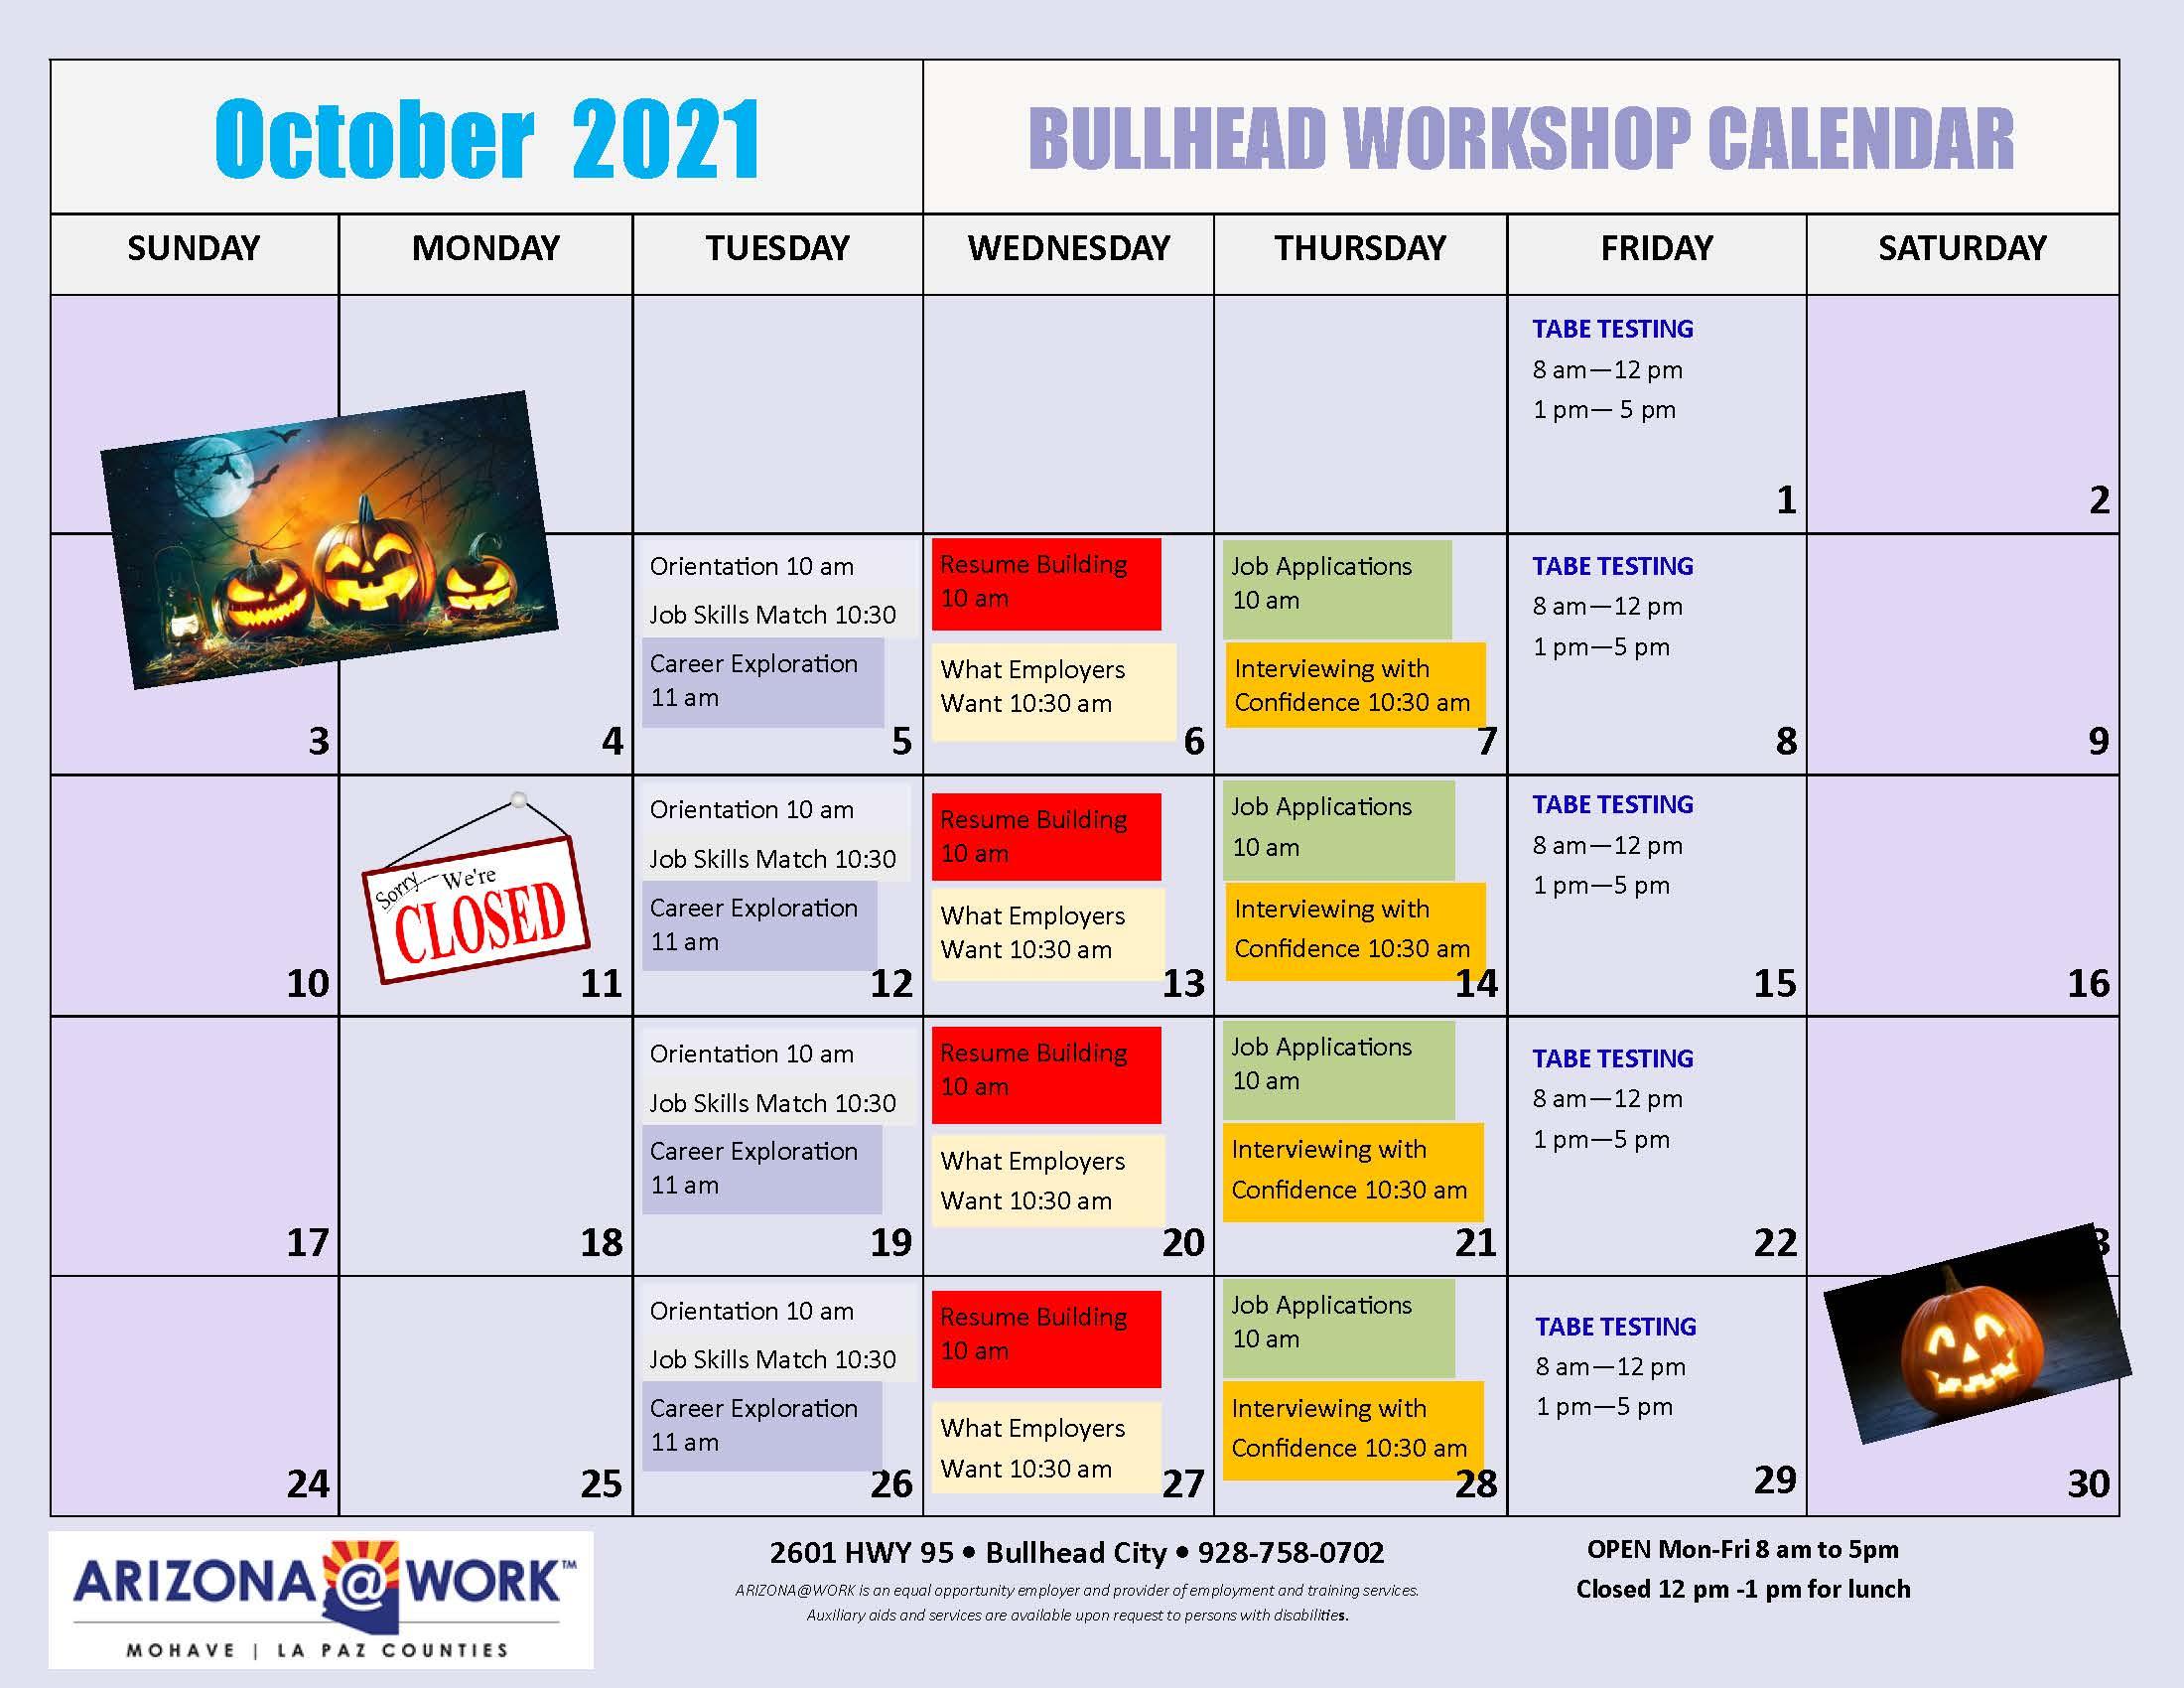 2021 Calendar - Oct 2021